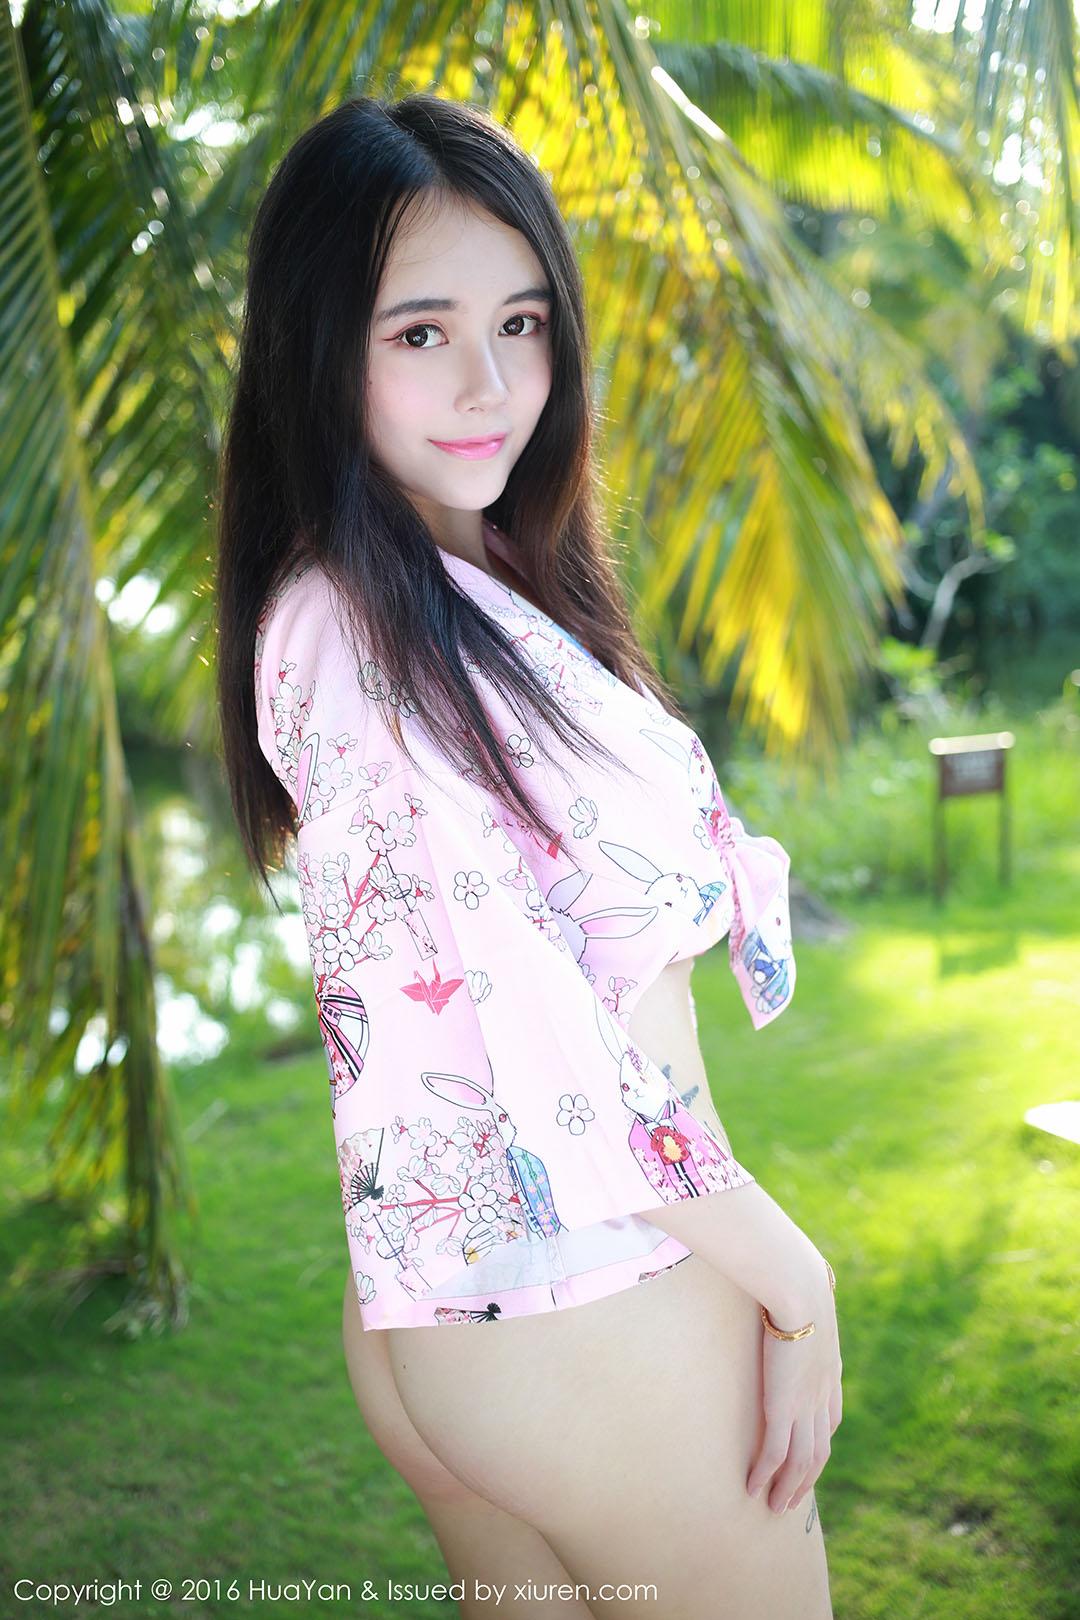 HuaYan 017